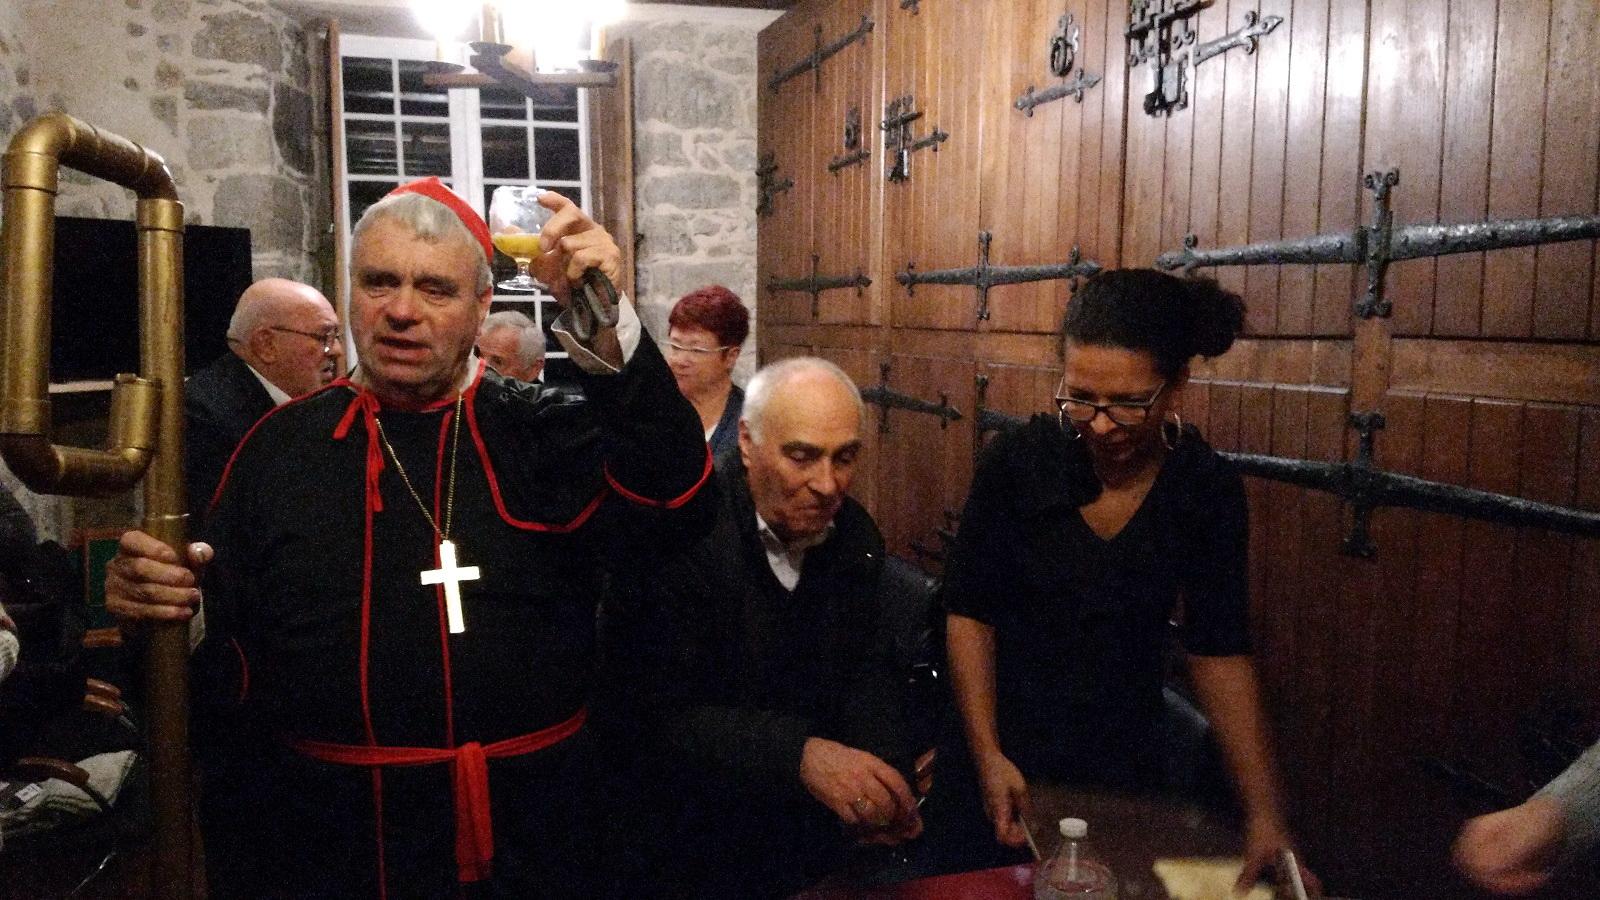 Les arpètes Bretons fêtent la Saint Eloi 15